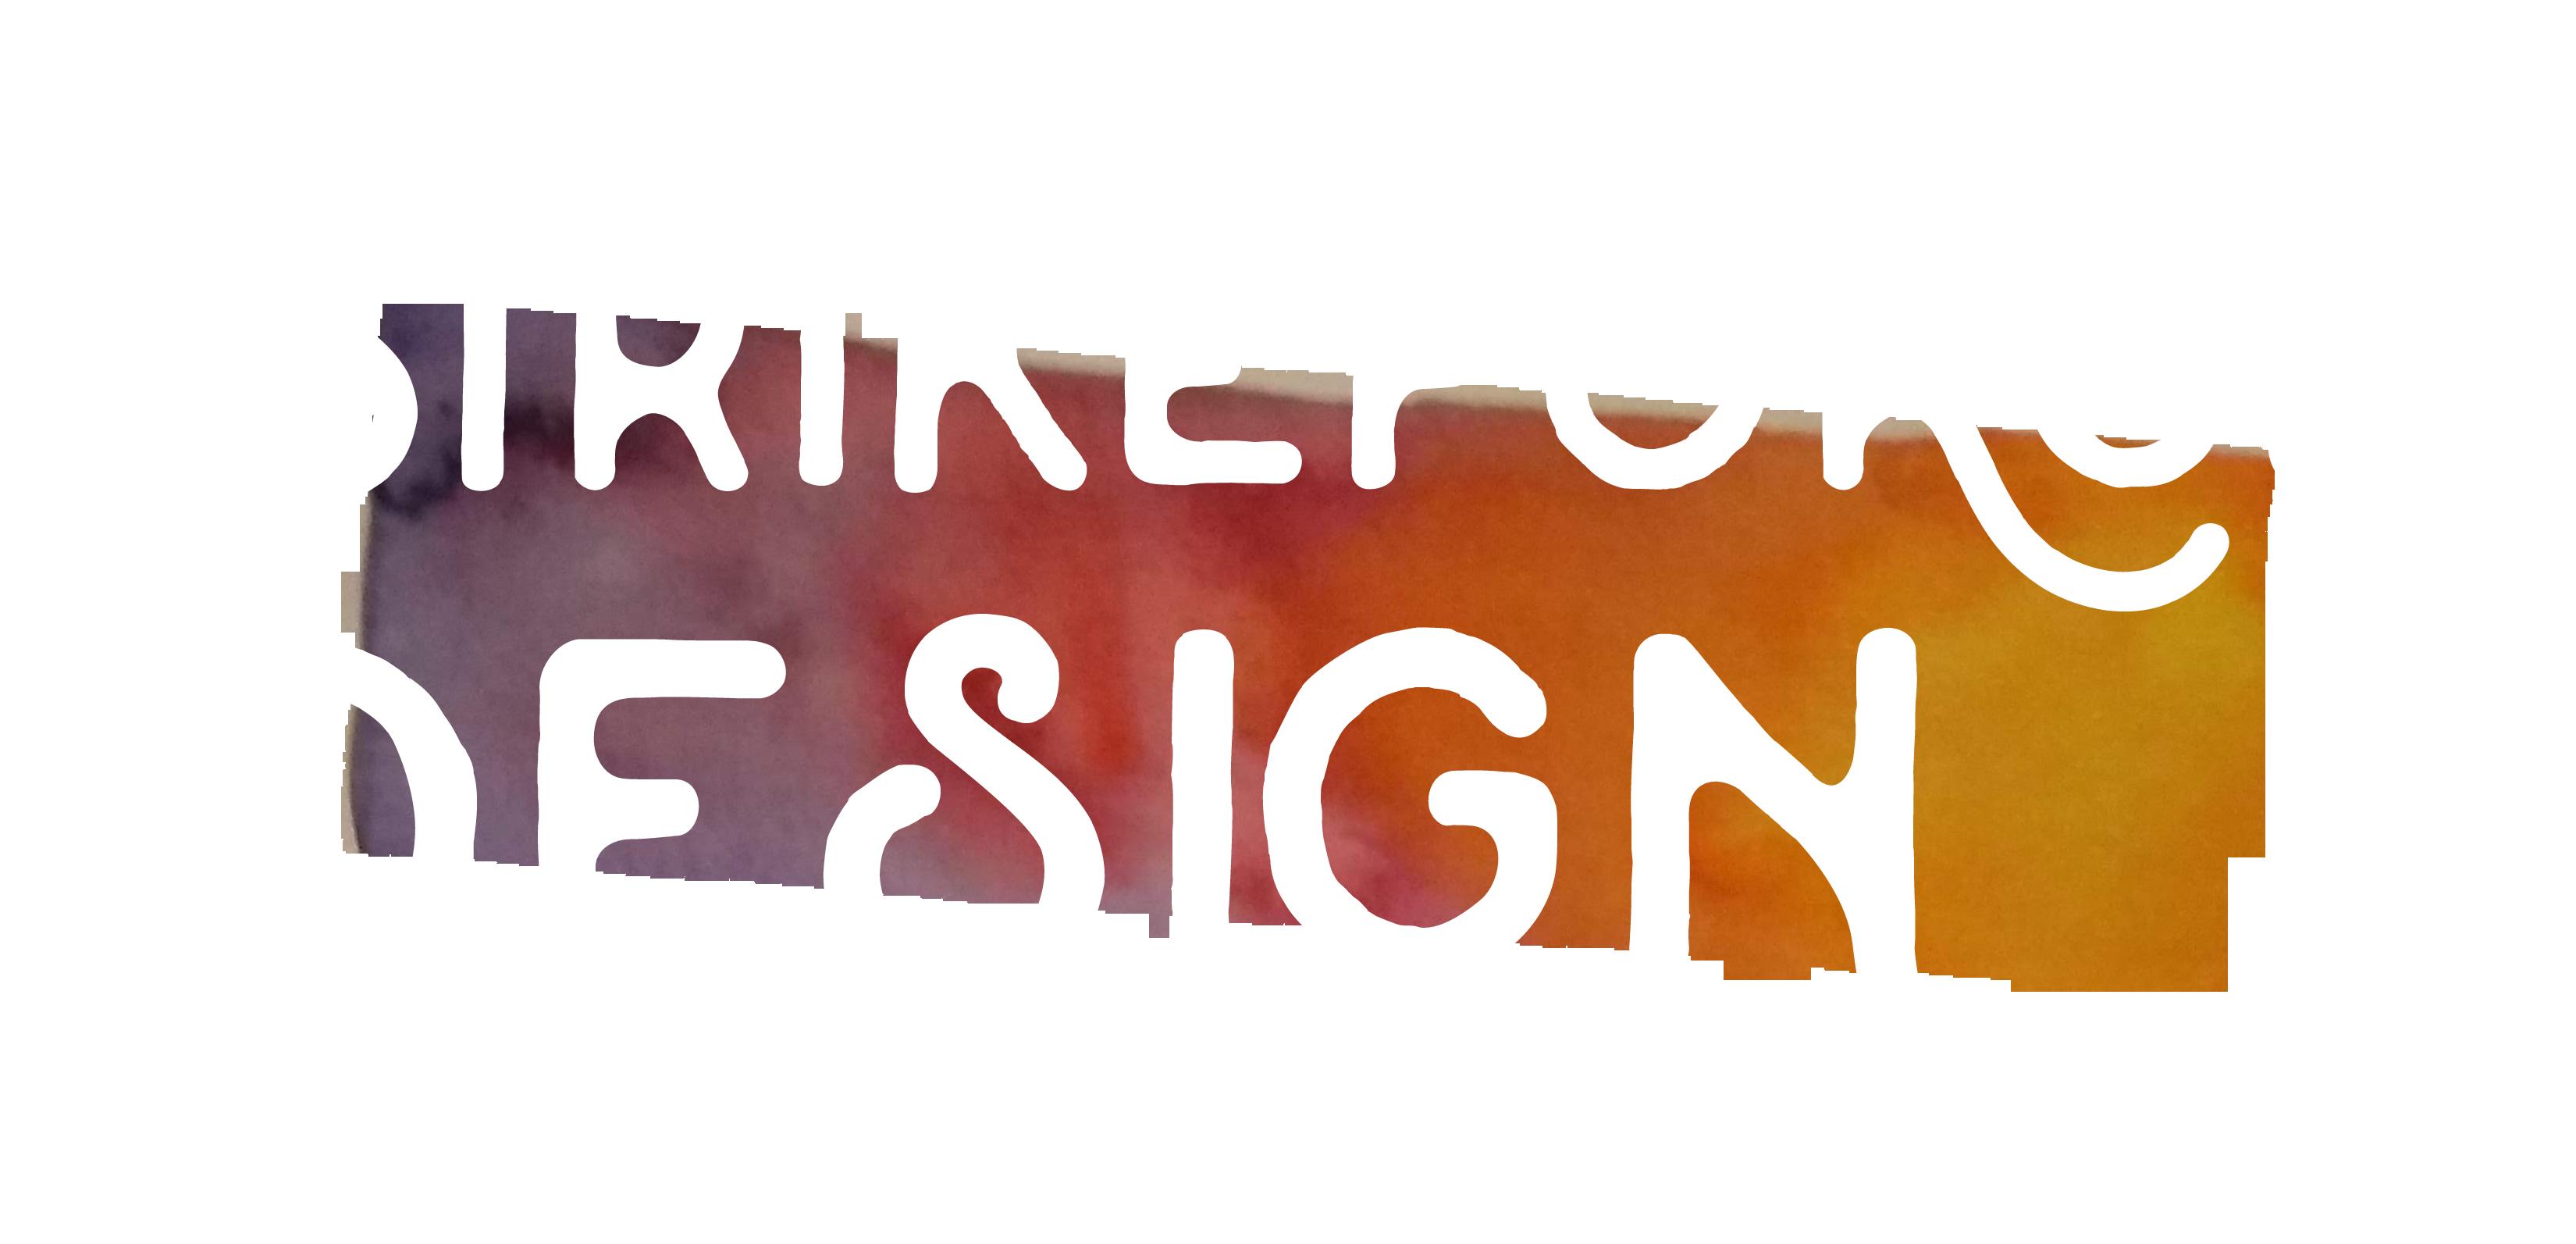 Strikeforce Design